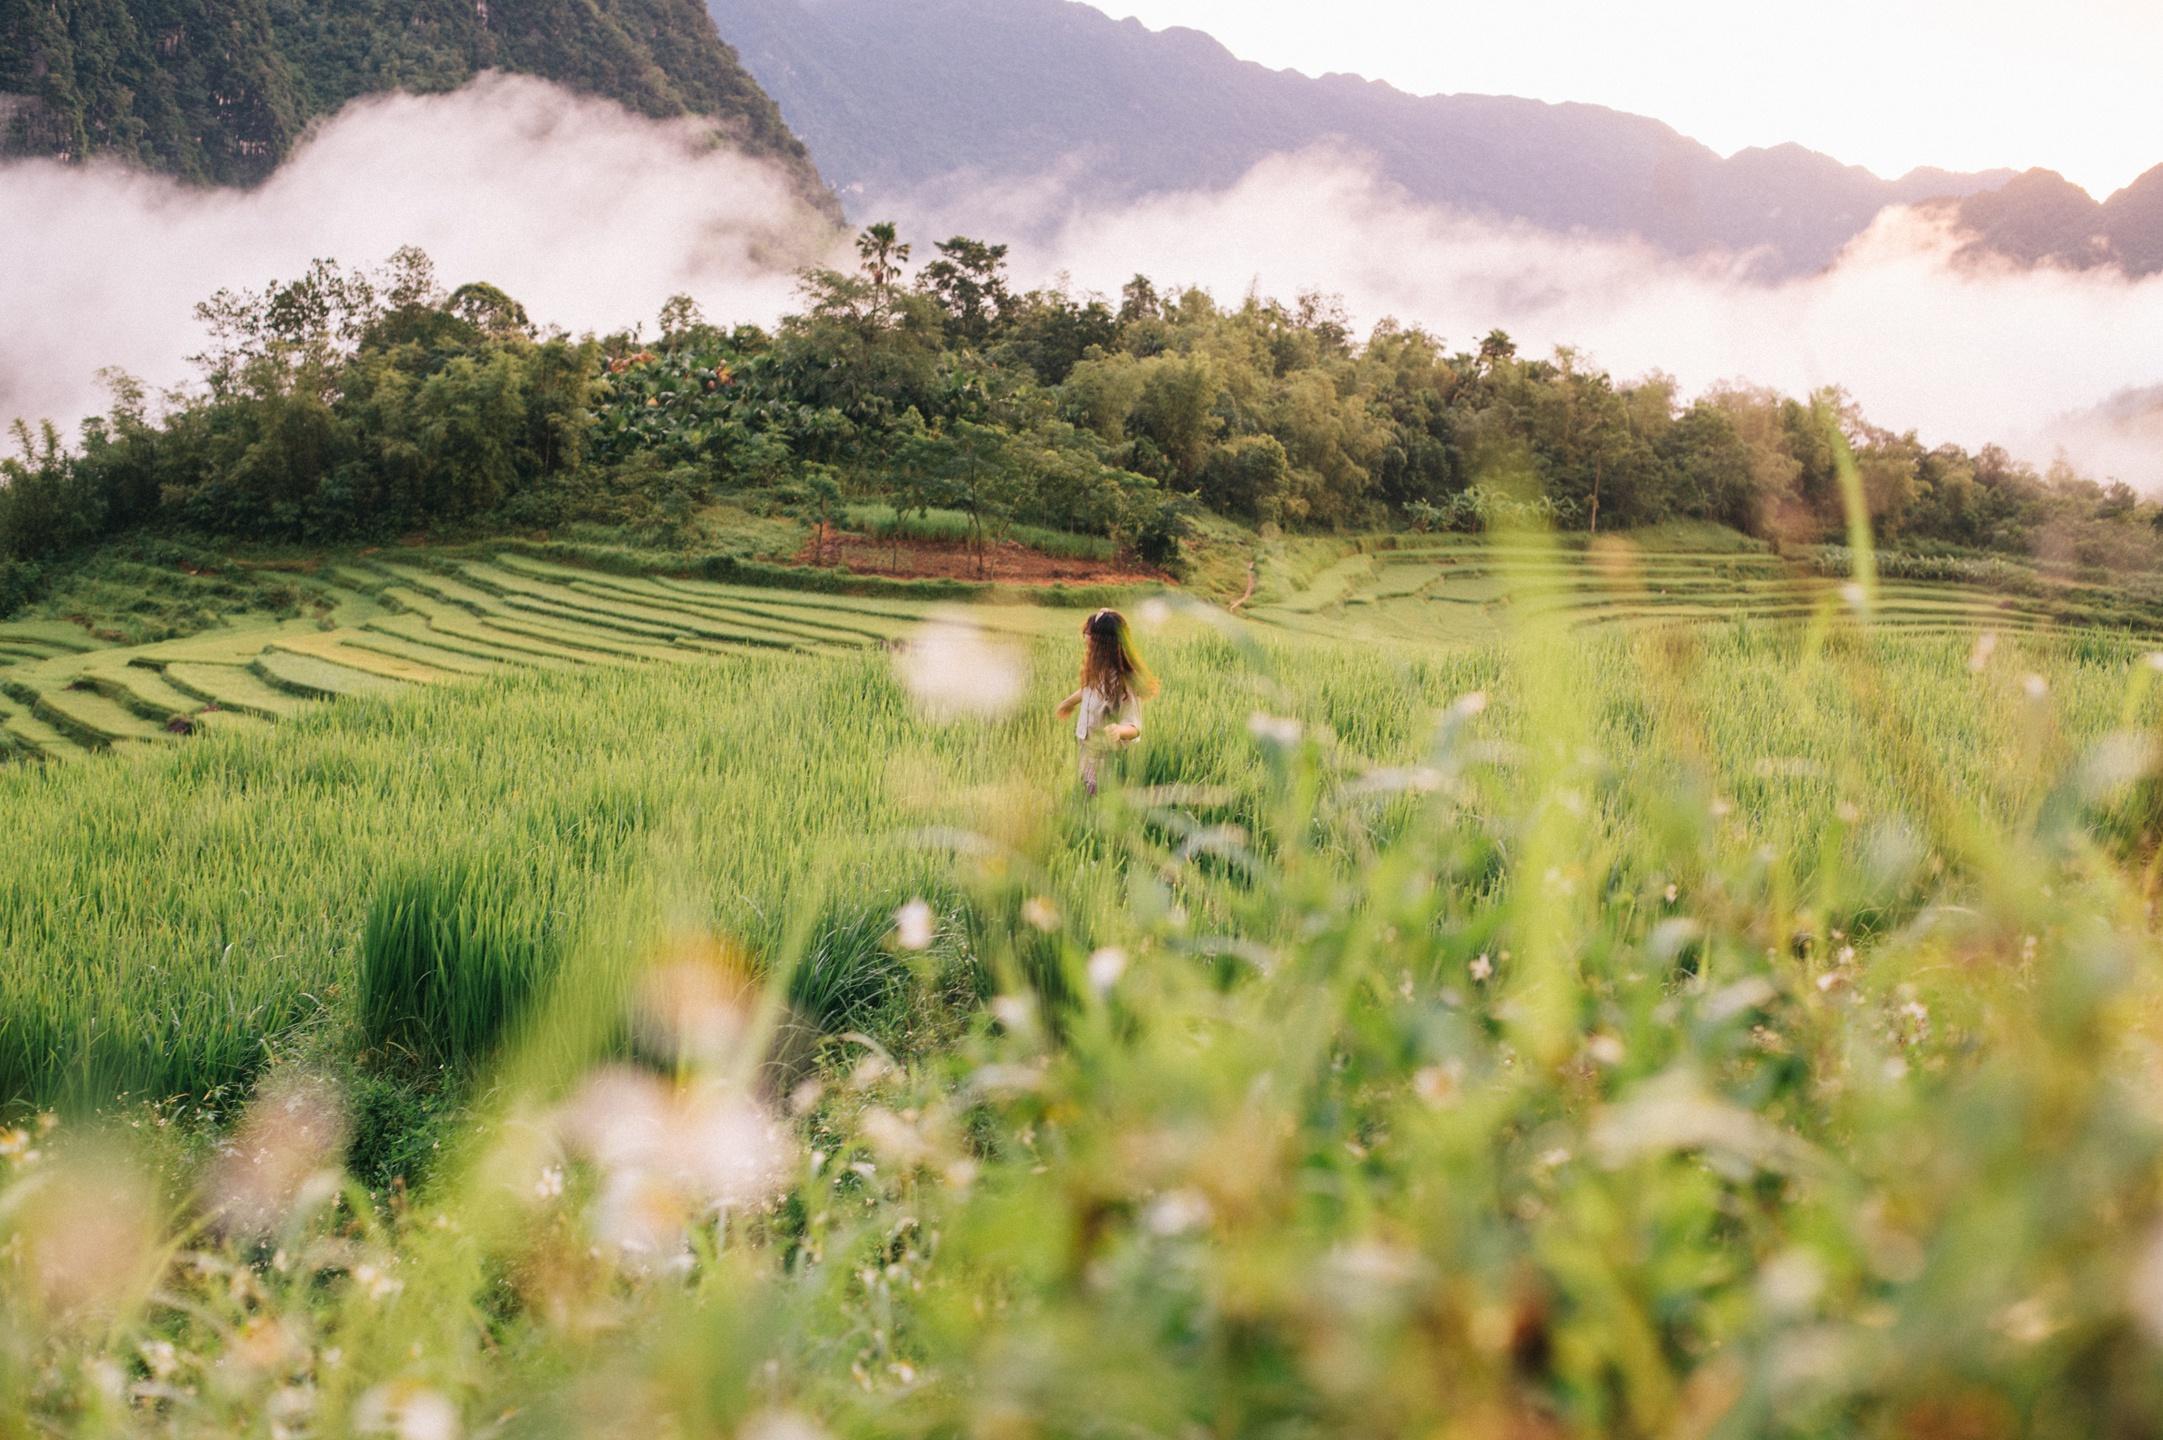 Tháng 9, đến Pù Luông ngắm lúa Ảnh 5